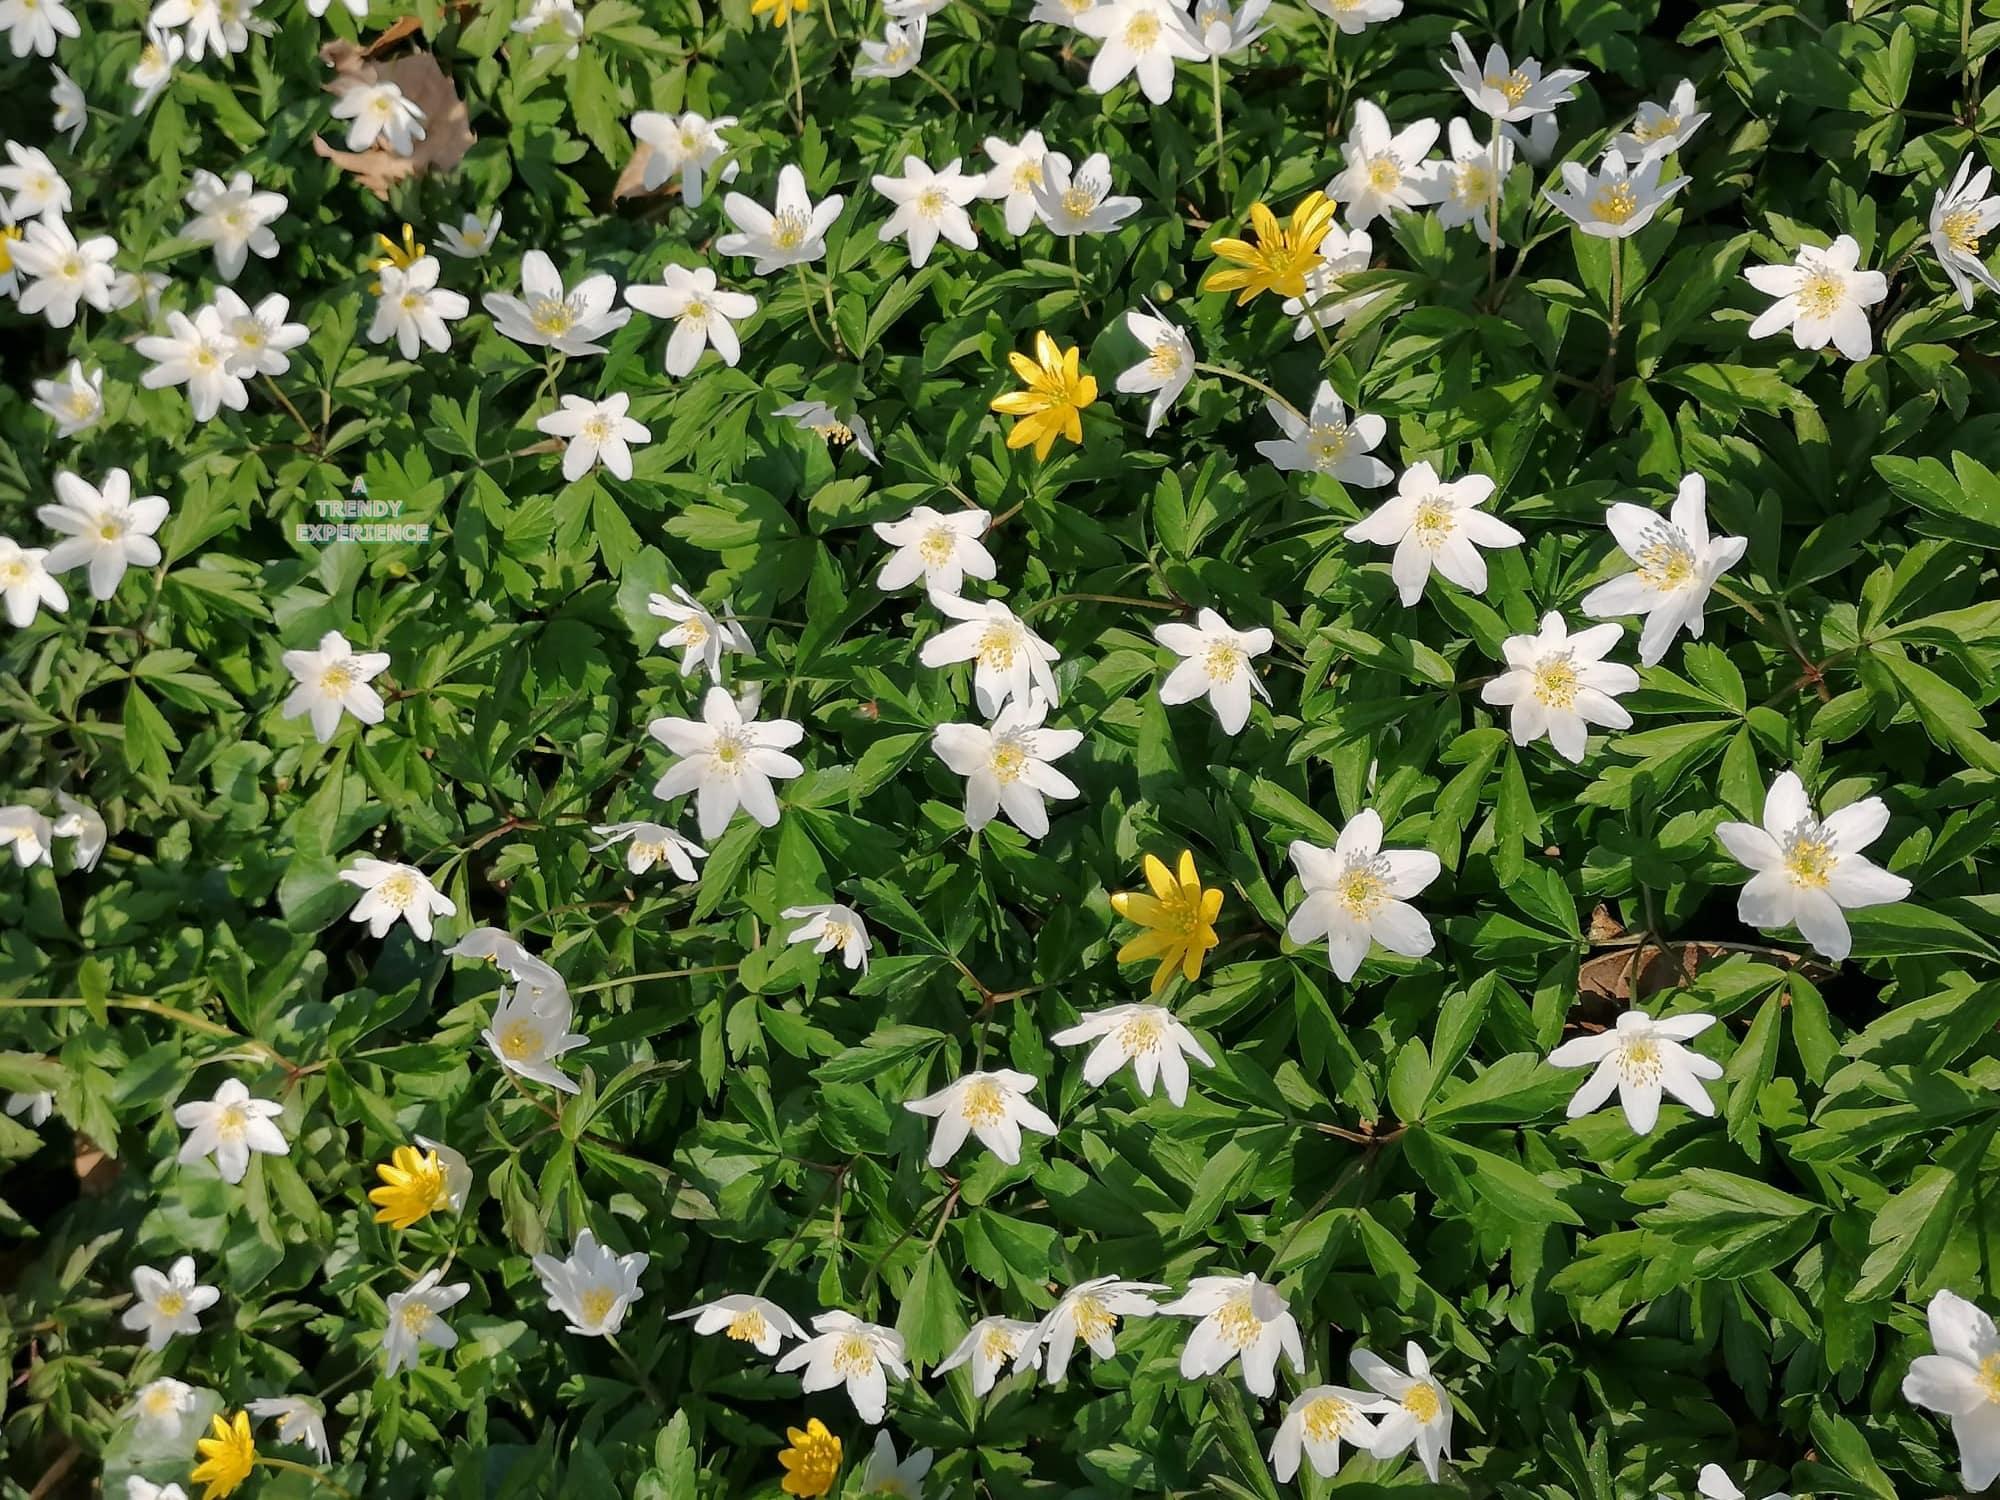 Anemone fiore cure e manutenzione, leggenda e significato